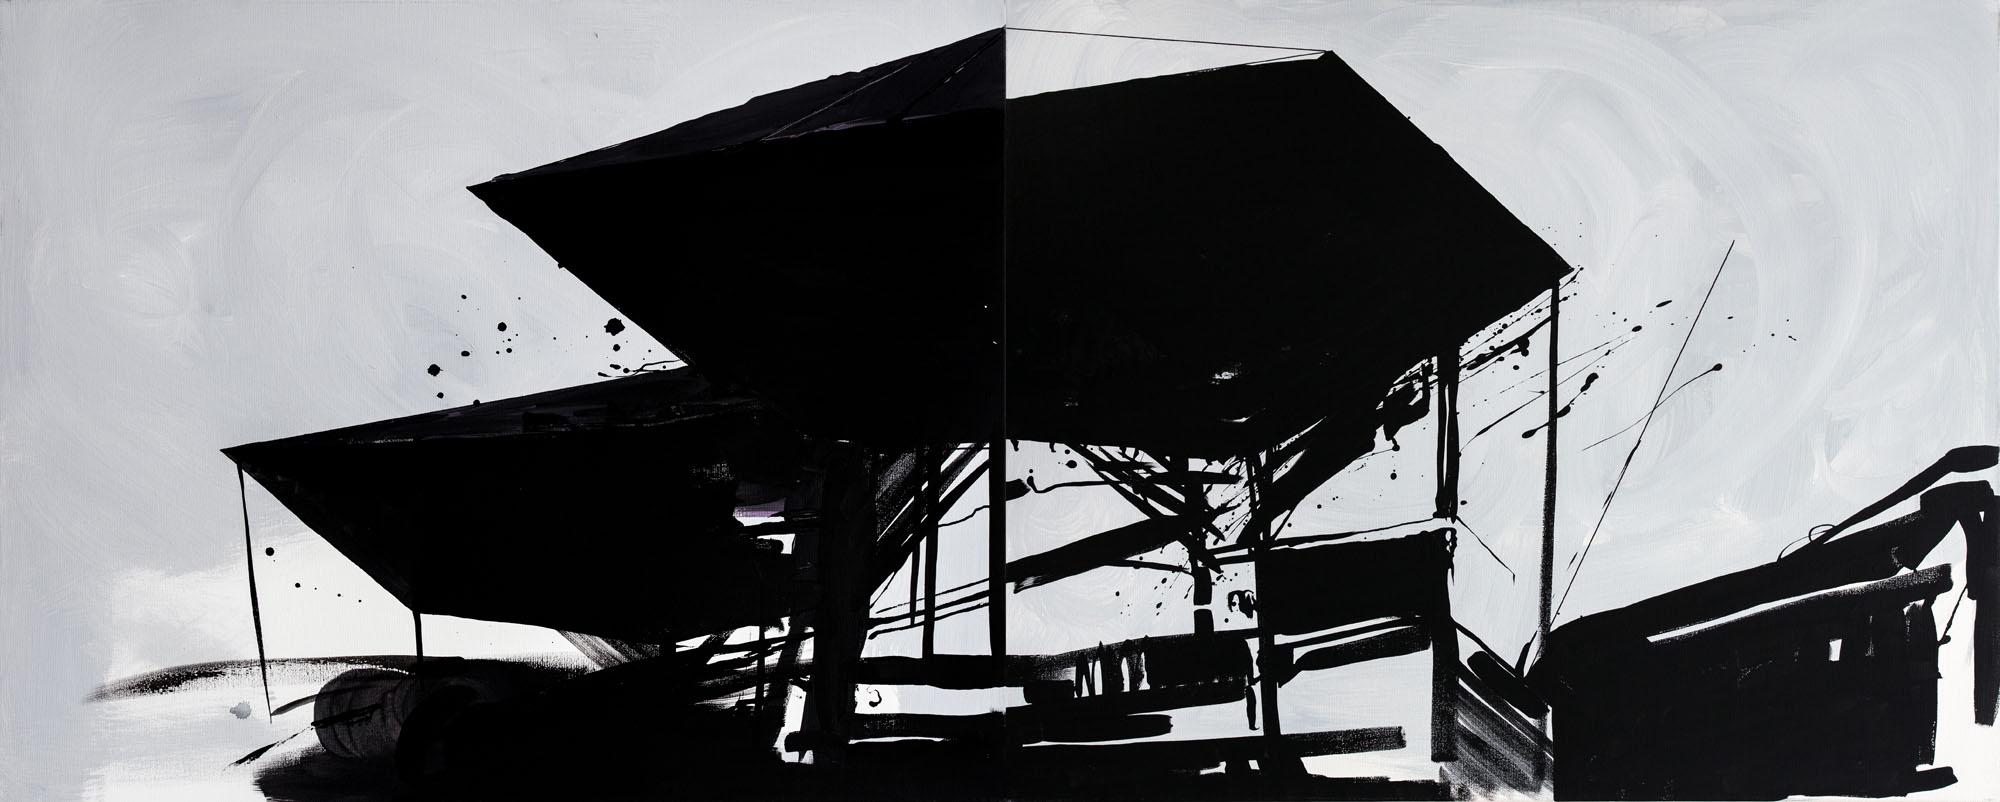 Jacek Doroszenko - Interface for the Memory, painting 02